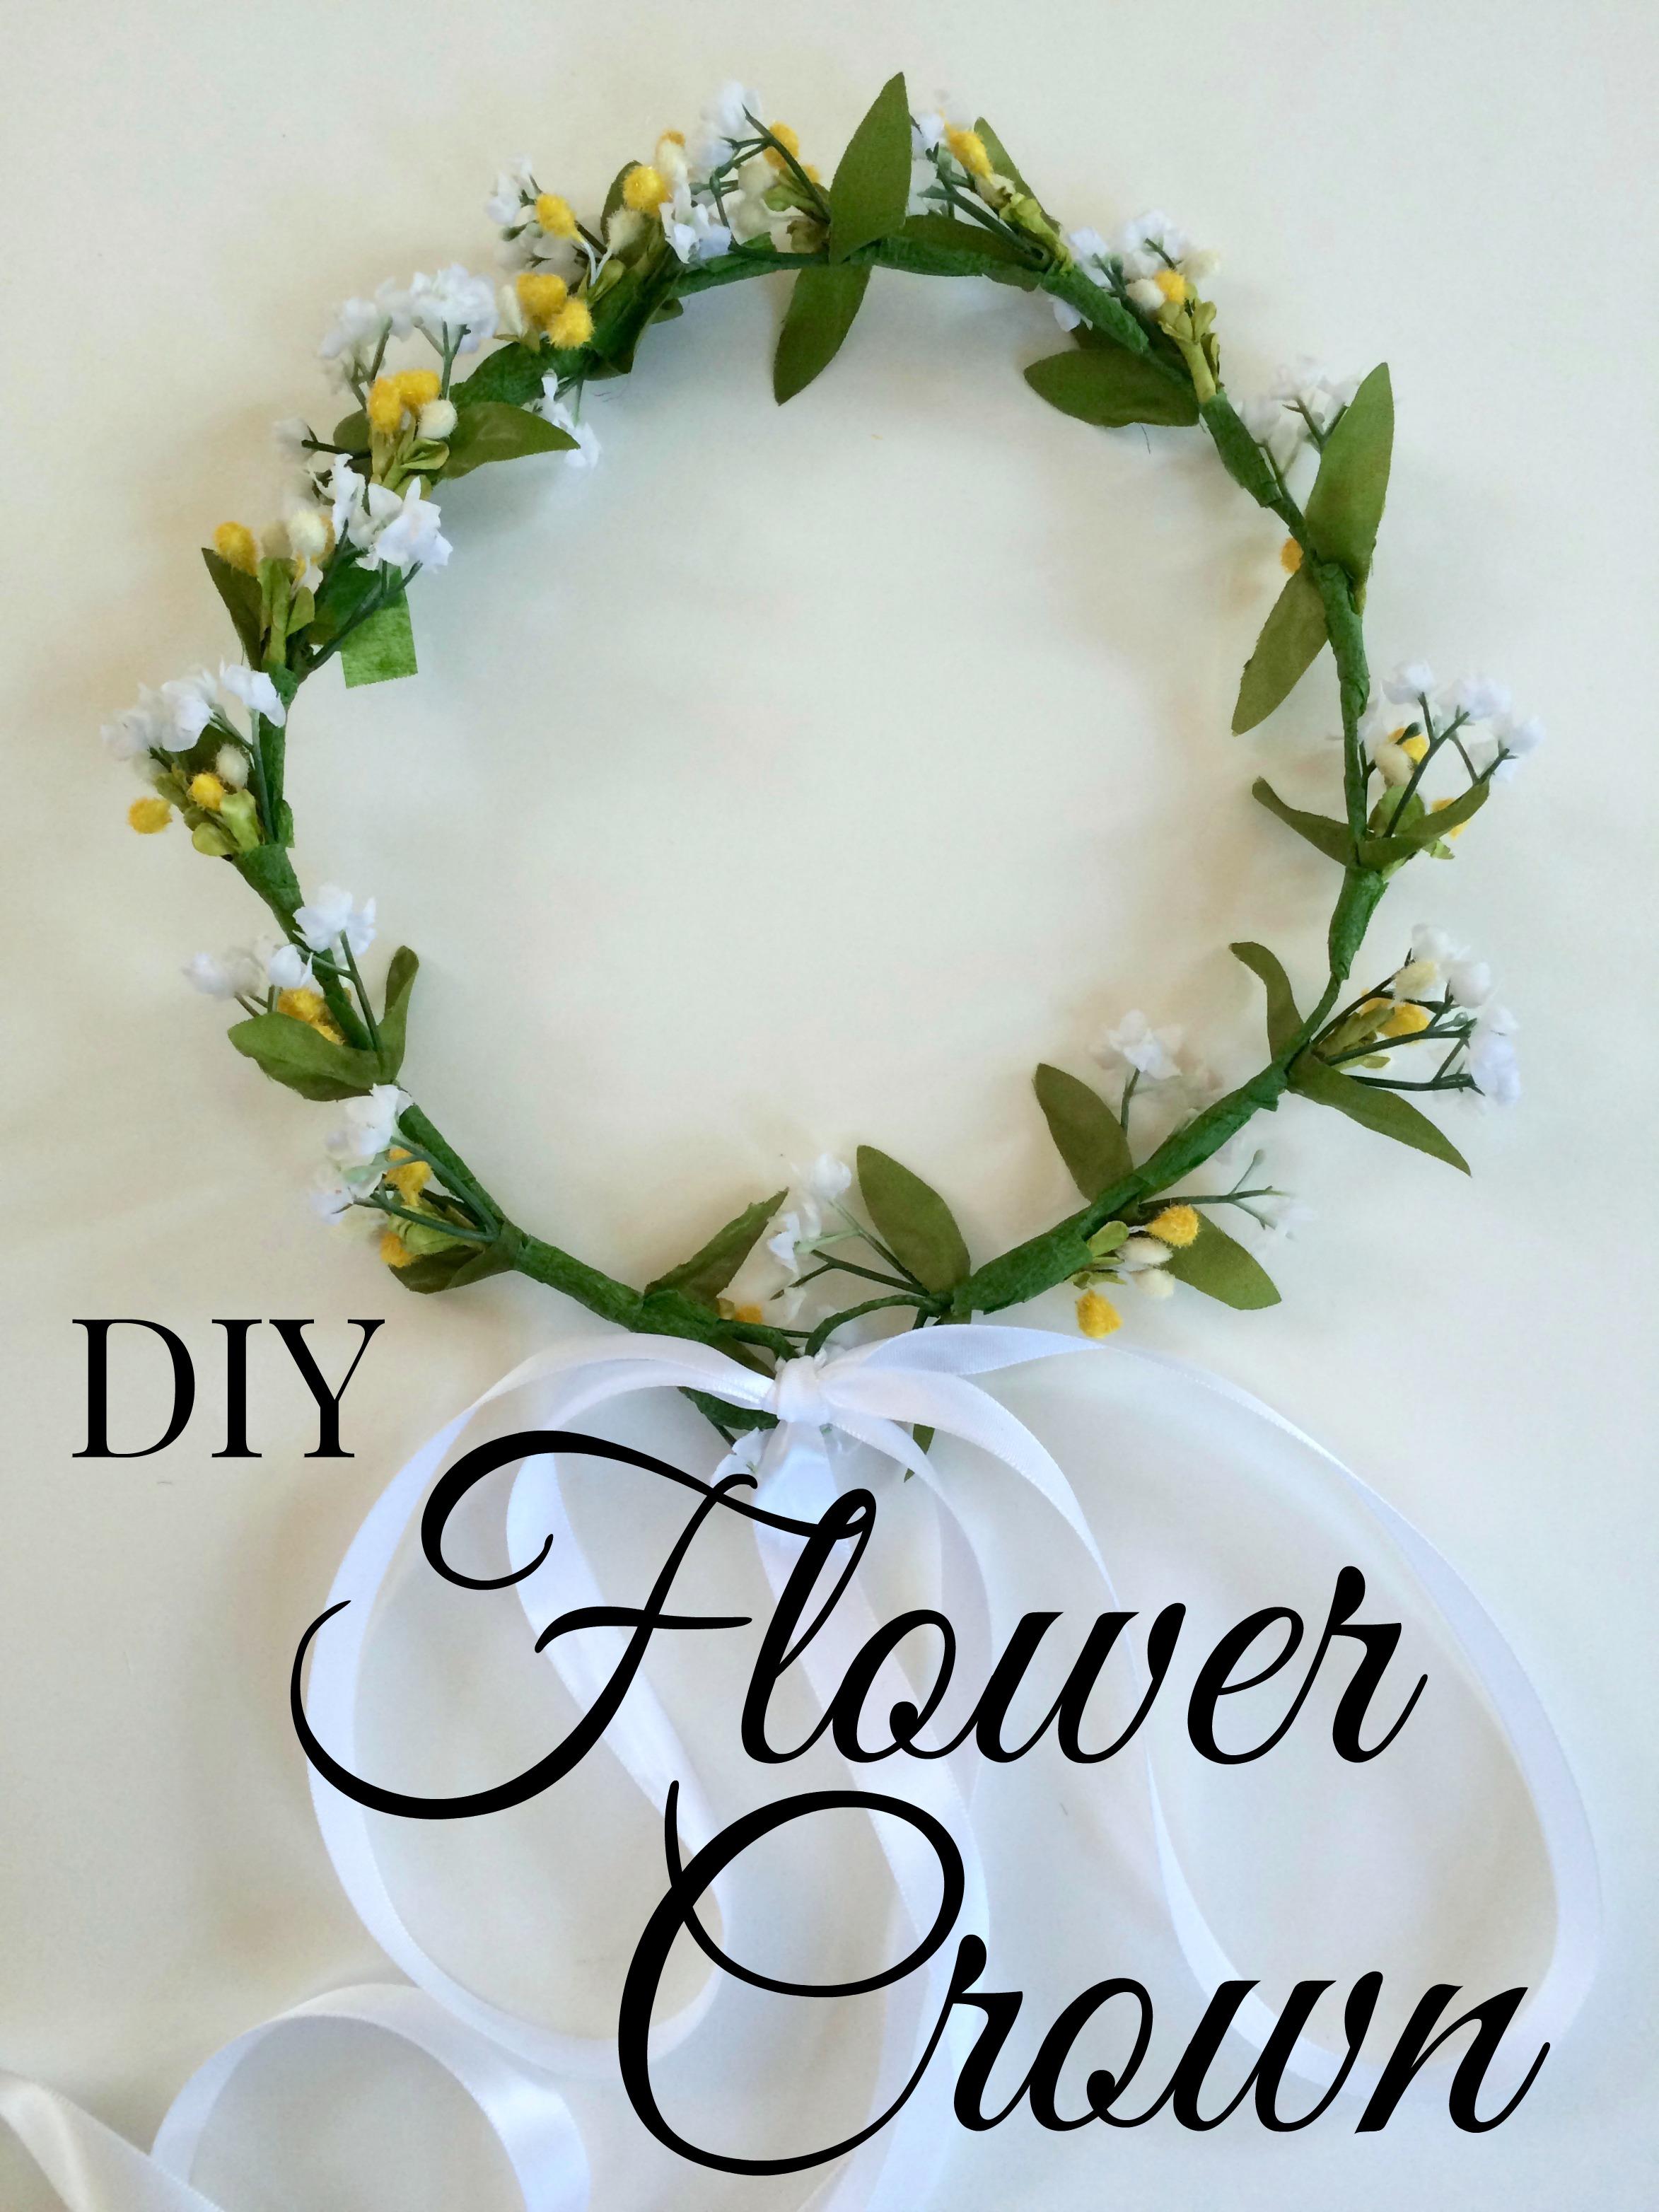 Diy Flower Crown Tutorial Simple Sojourns